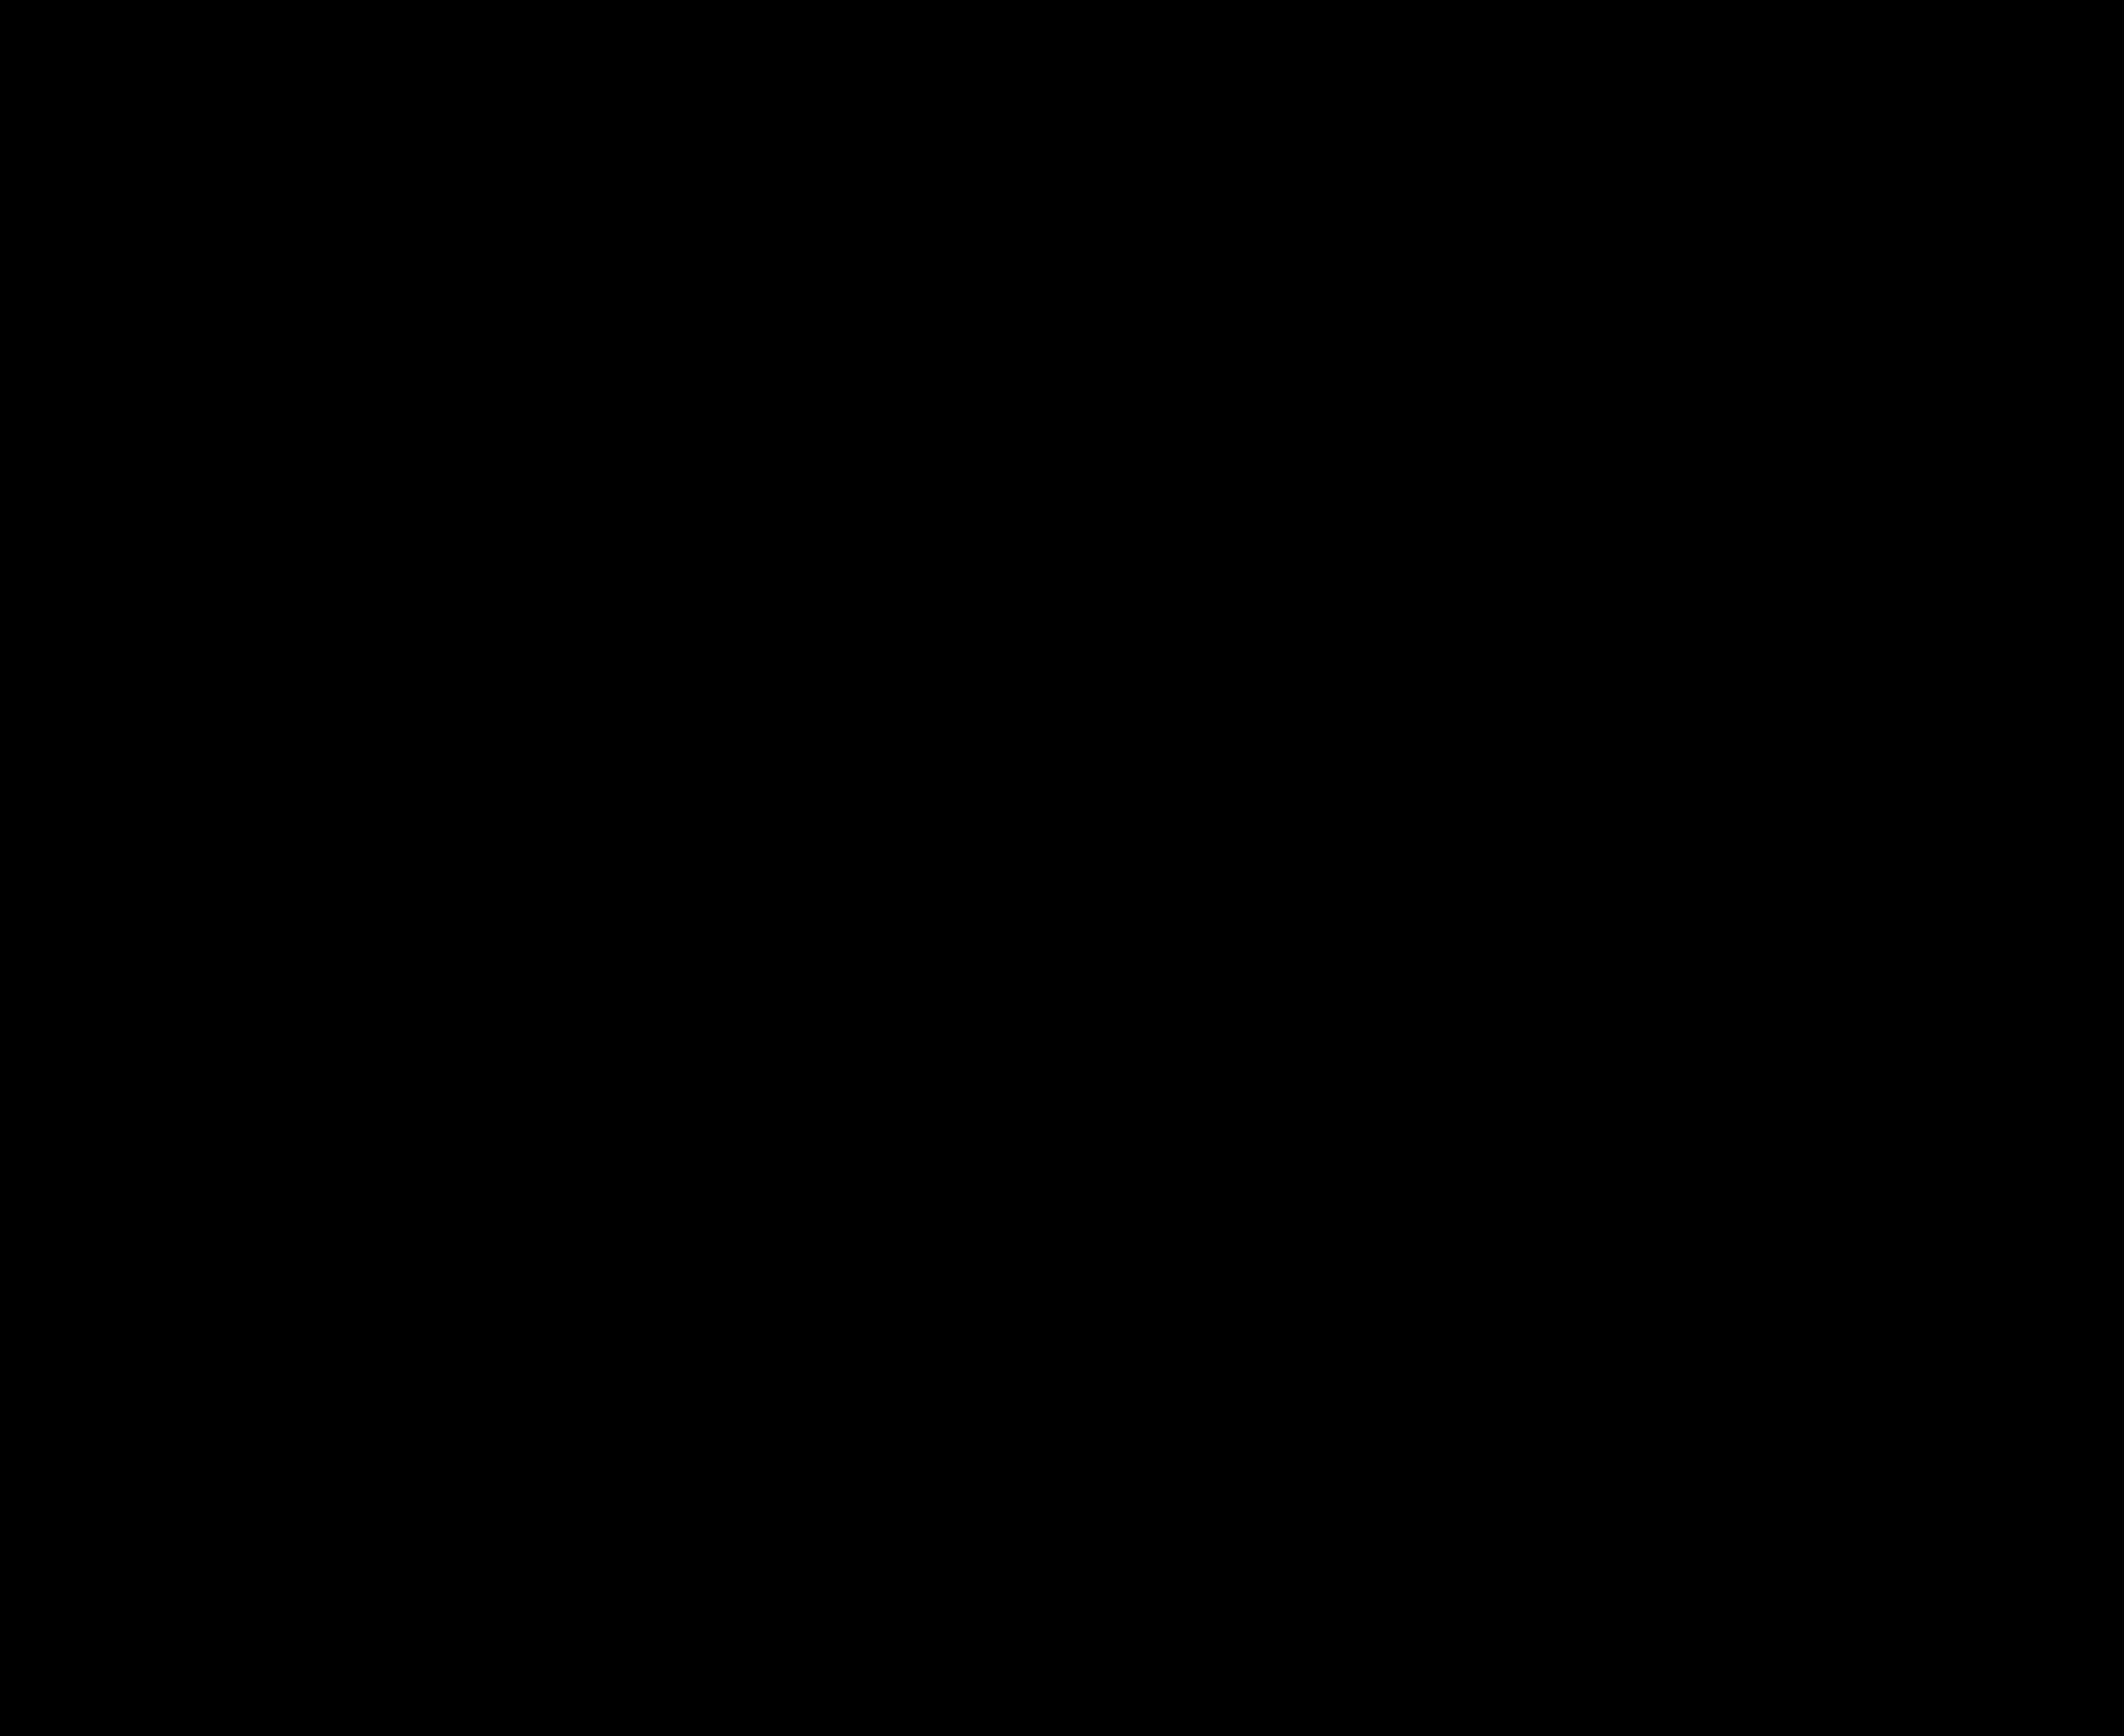 Handmade & British